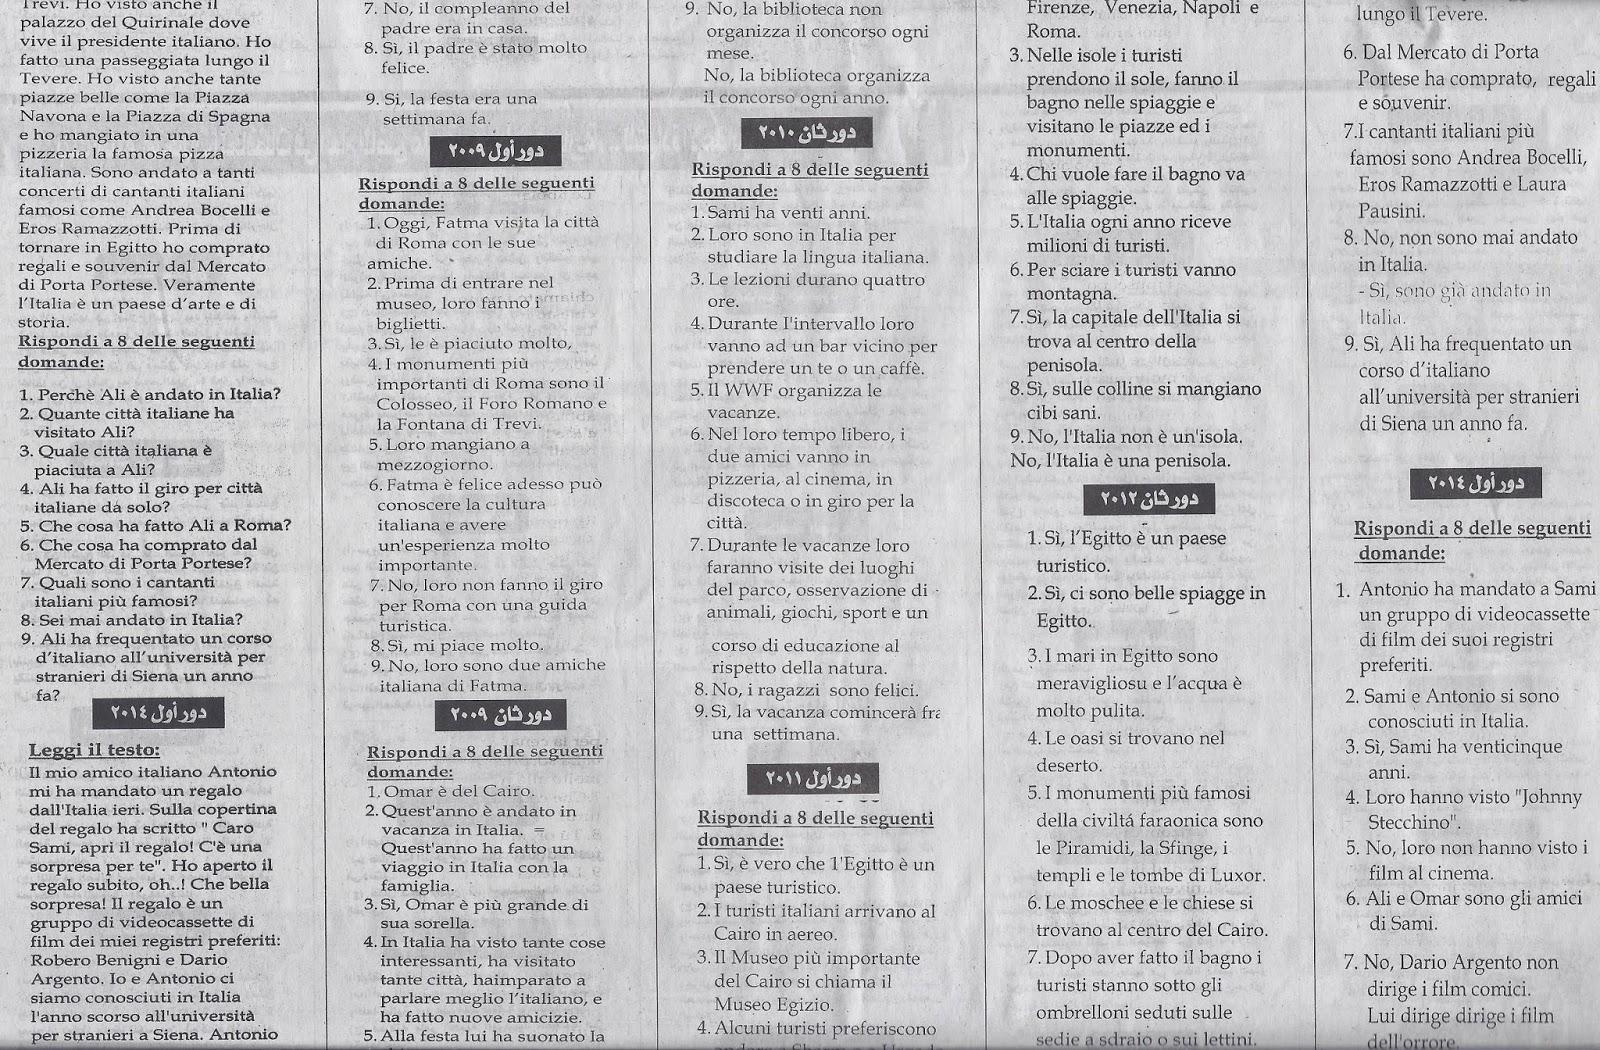 بنك اسئلة امتحانات السنوات السابقة في اللغة الايطالية ... لثالثة ثانوى ملحق الجمهورية التعليمي Scan0008